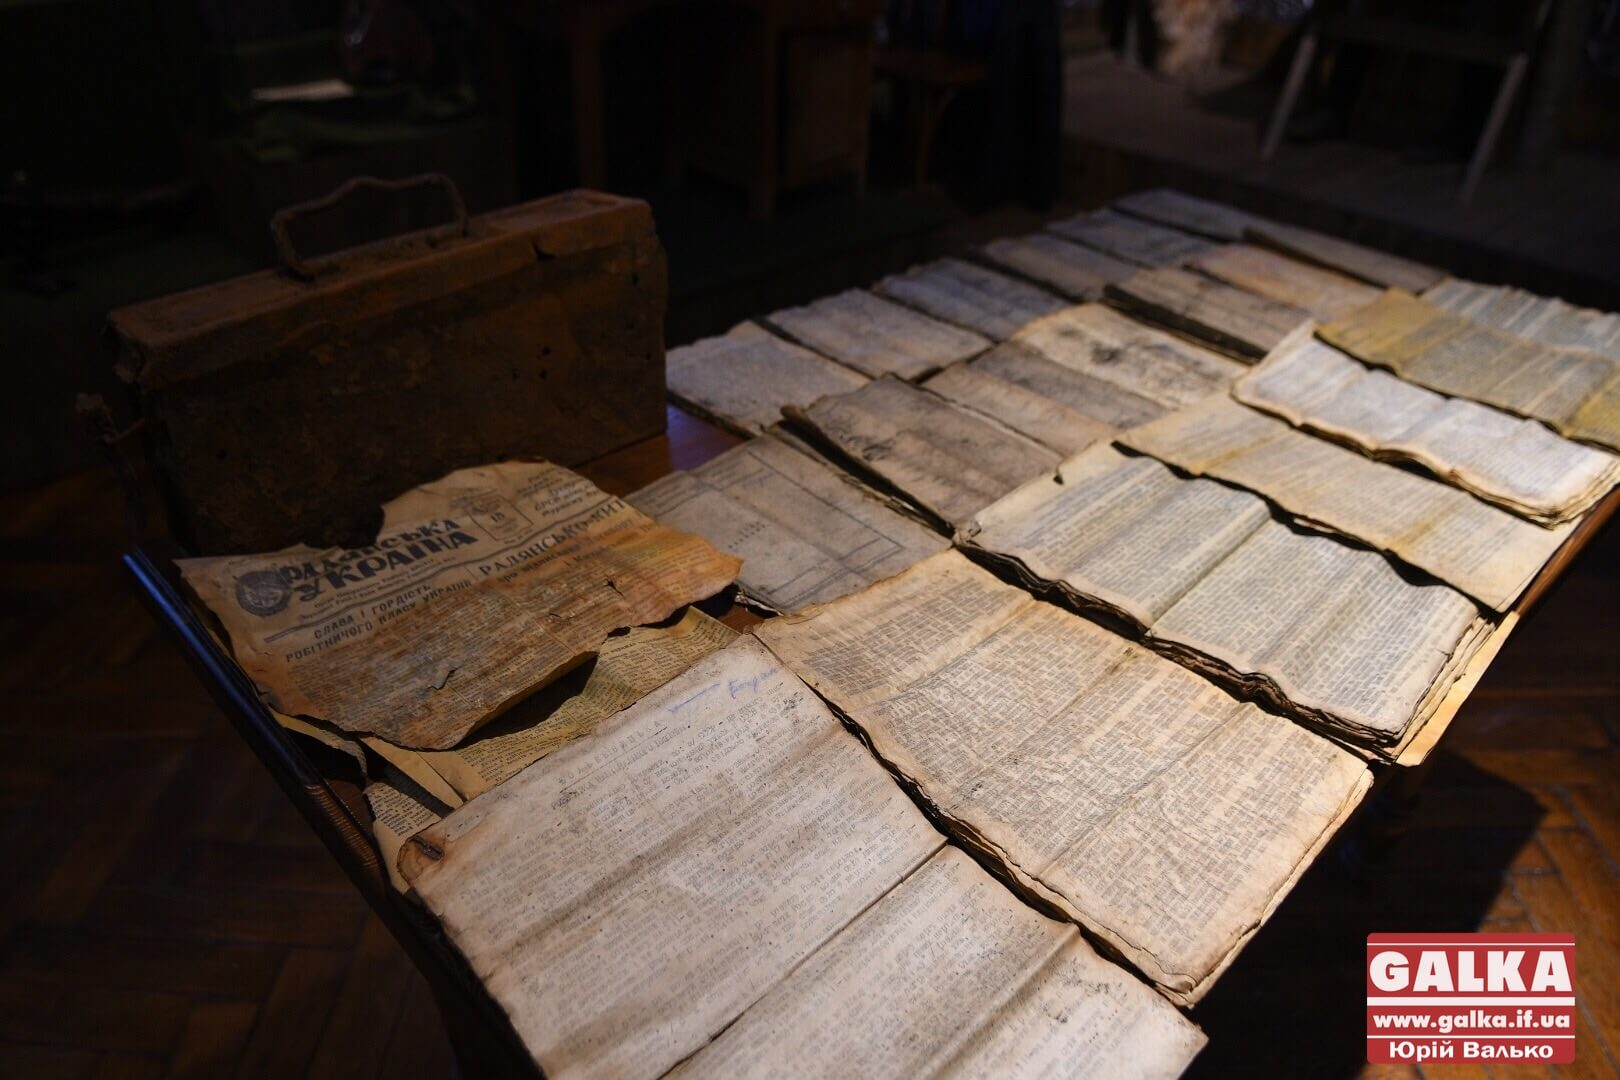 Інструкції з пропаганди та конспірації: франківський музей отримав випадково знайдений архів ОУН 50-их років (ФОТО)